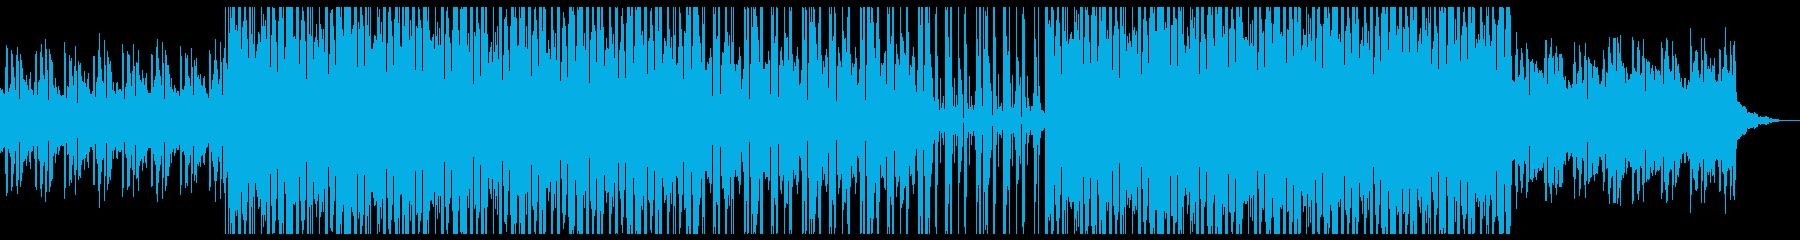 ジャジーなピアノとフルートのHIPHOPの再生済みの波形